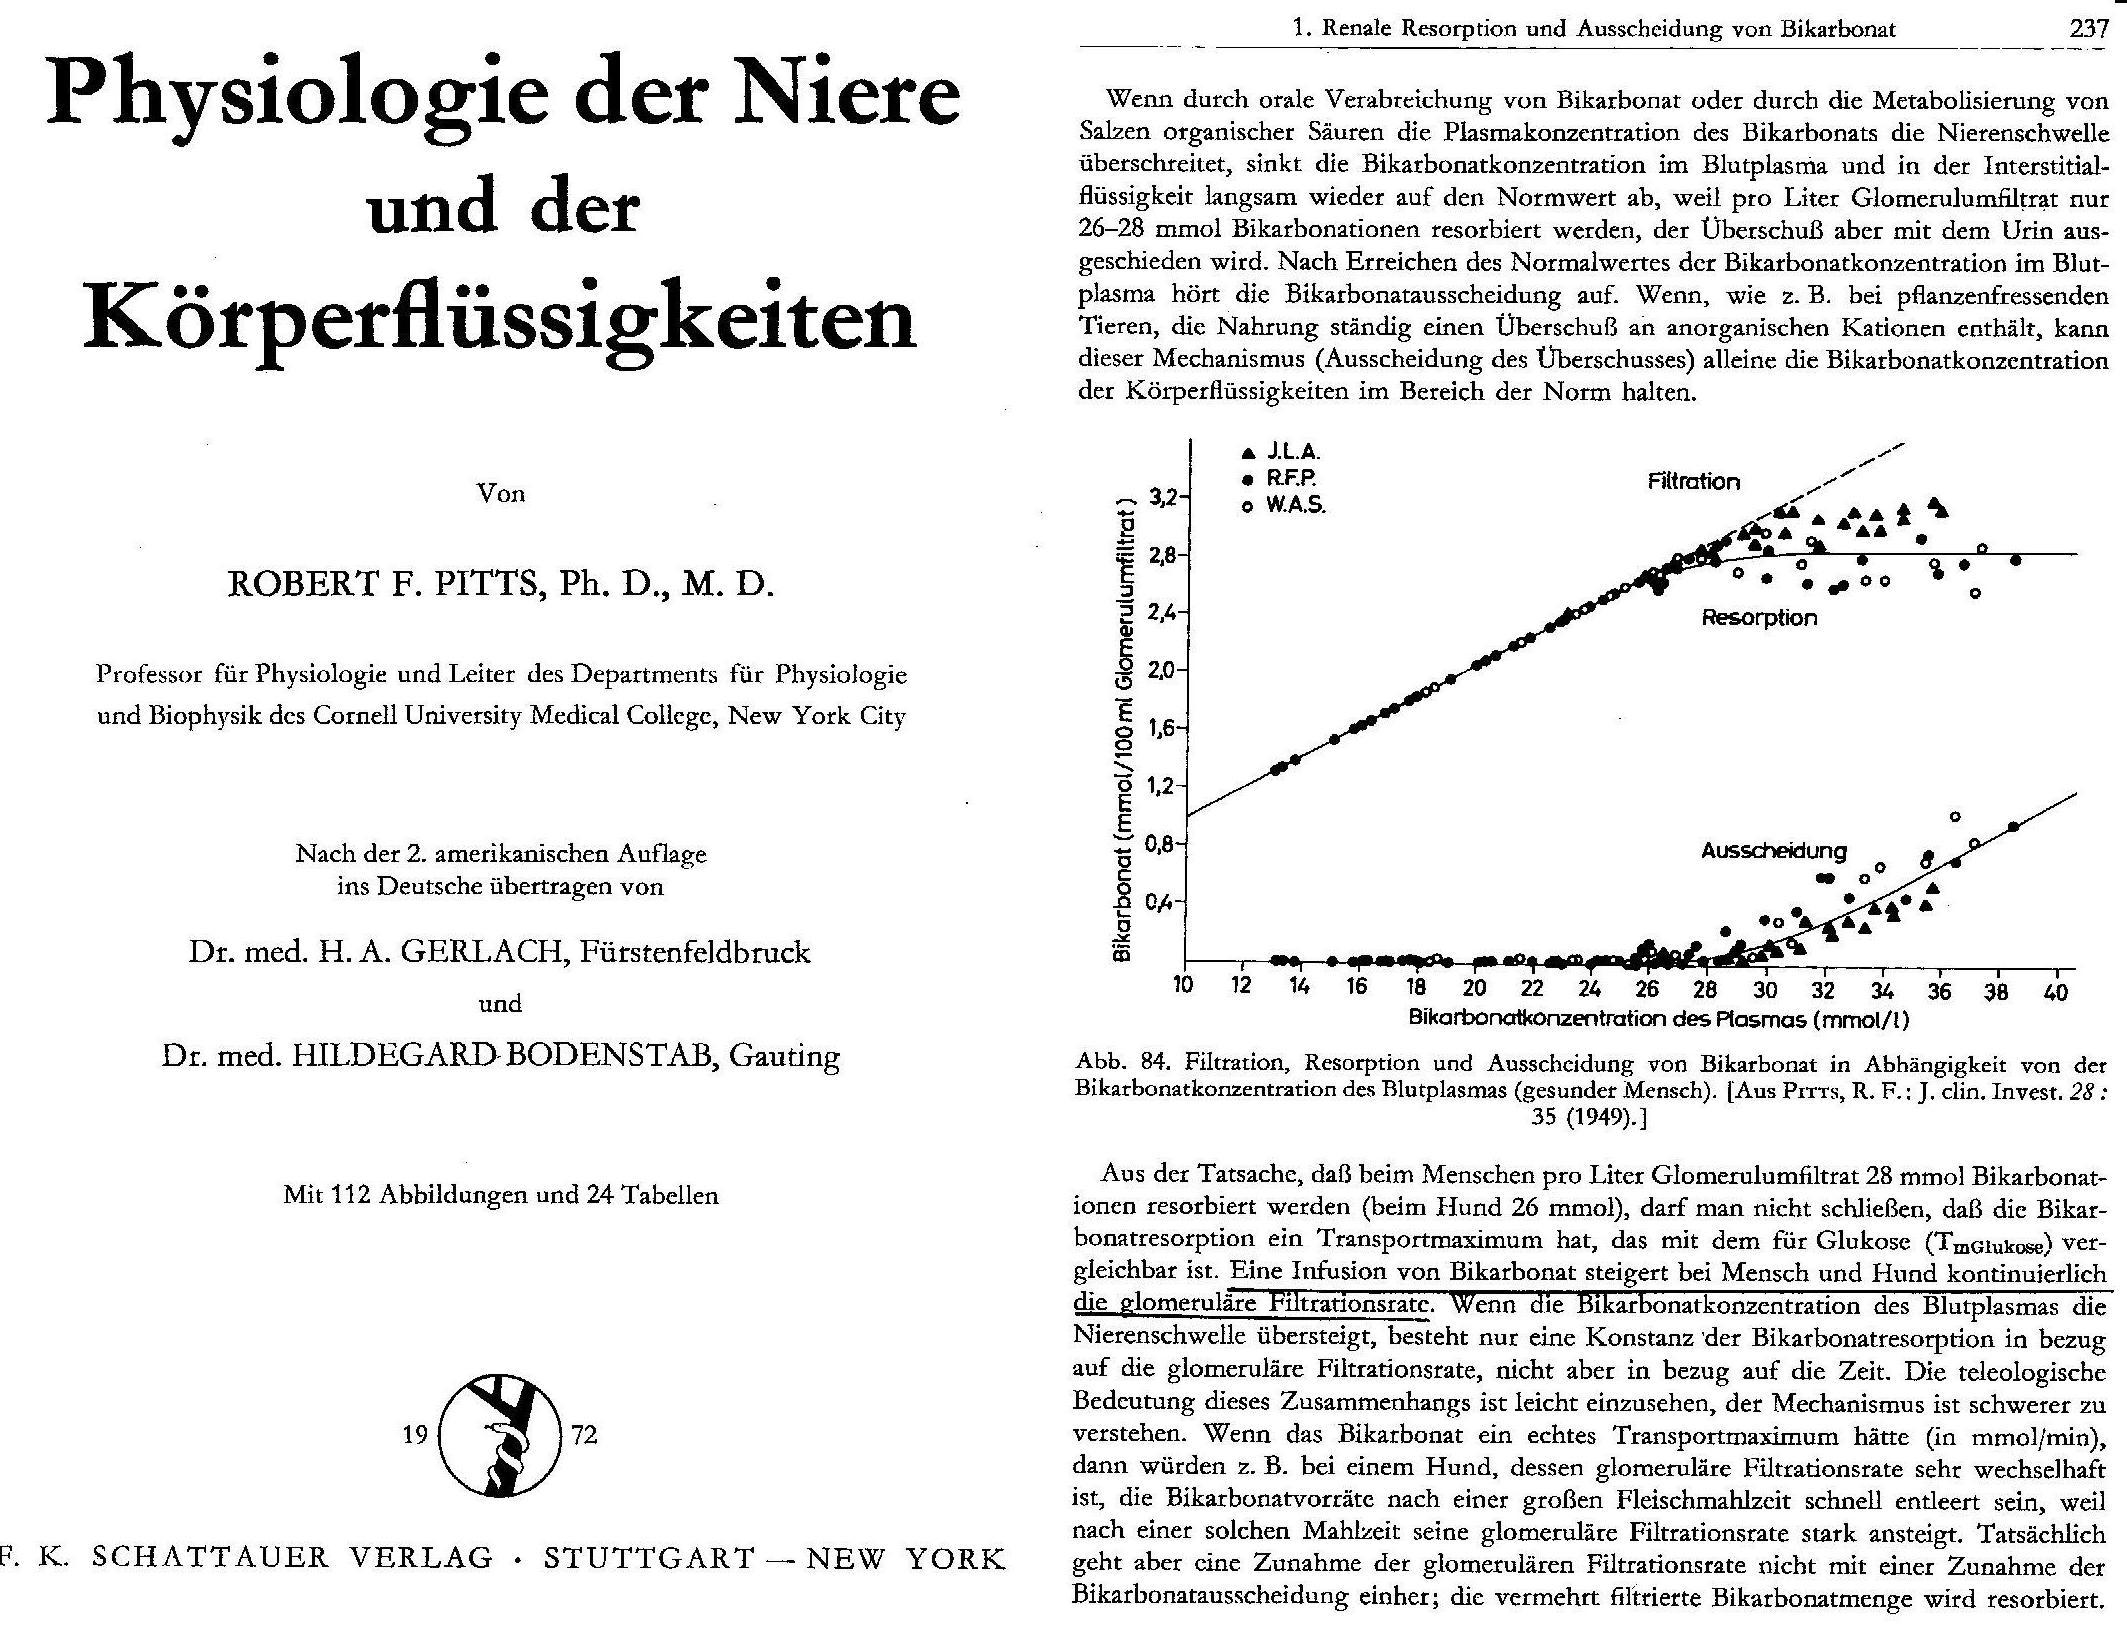 Das Bikarbonat-Mangel-Syndrom (BDS): Professor Dr. med. Klaus F. Kopp